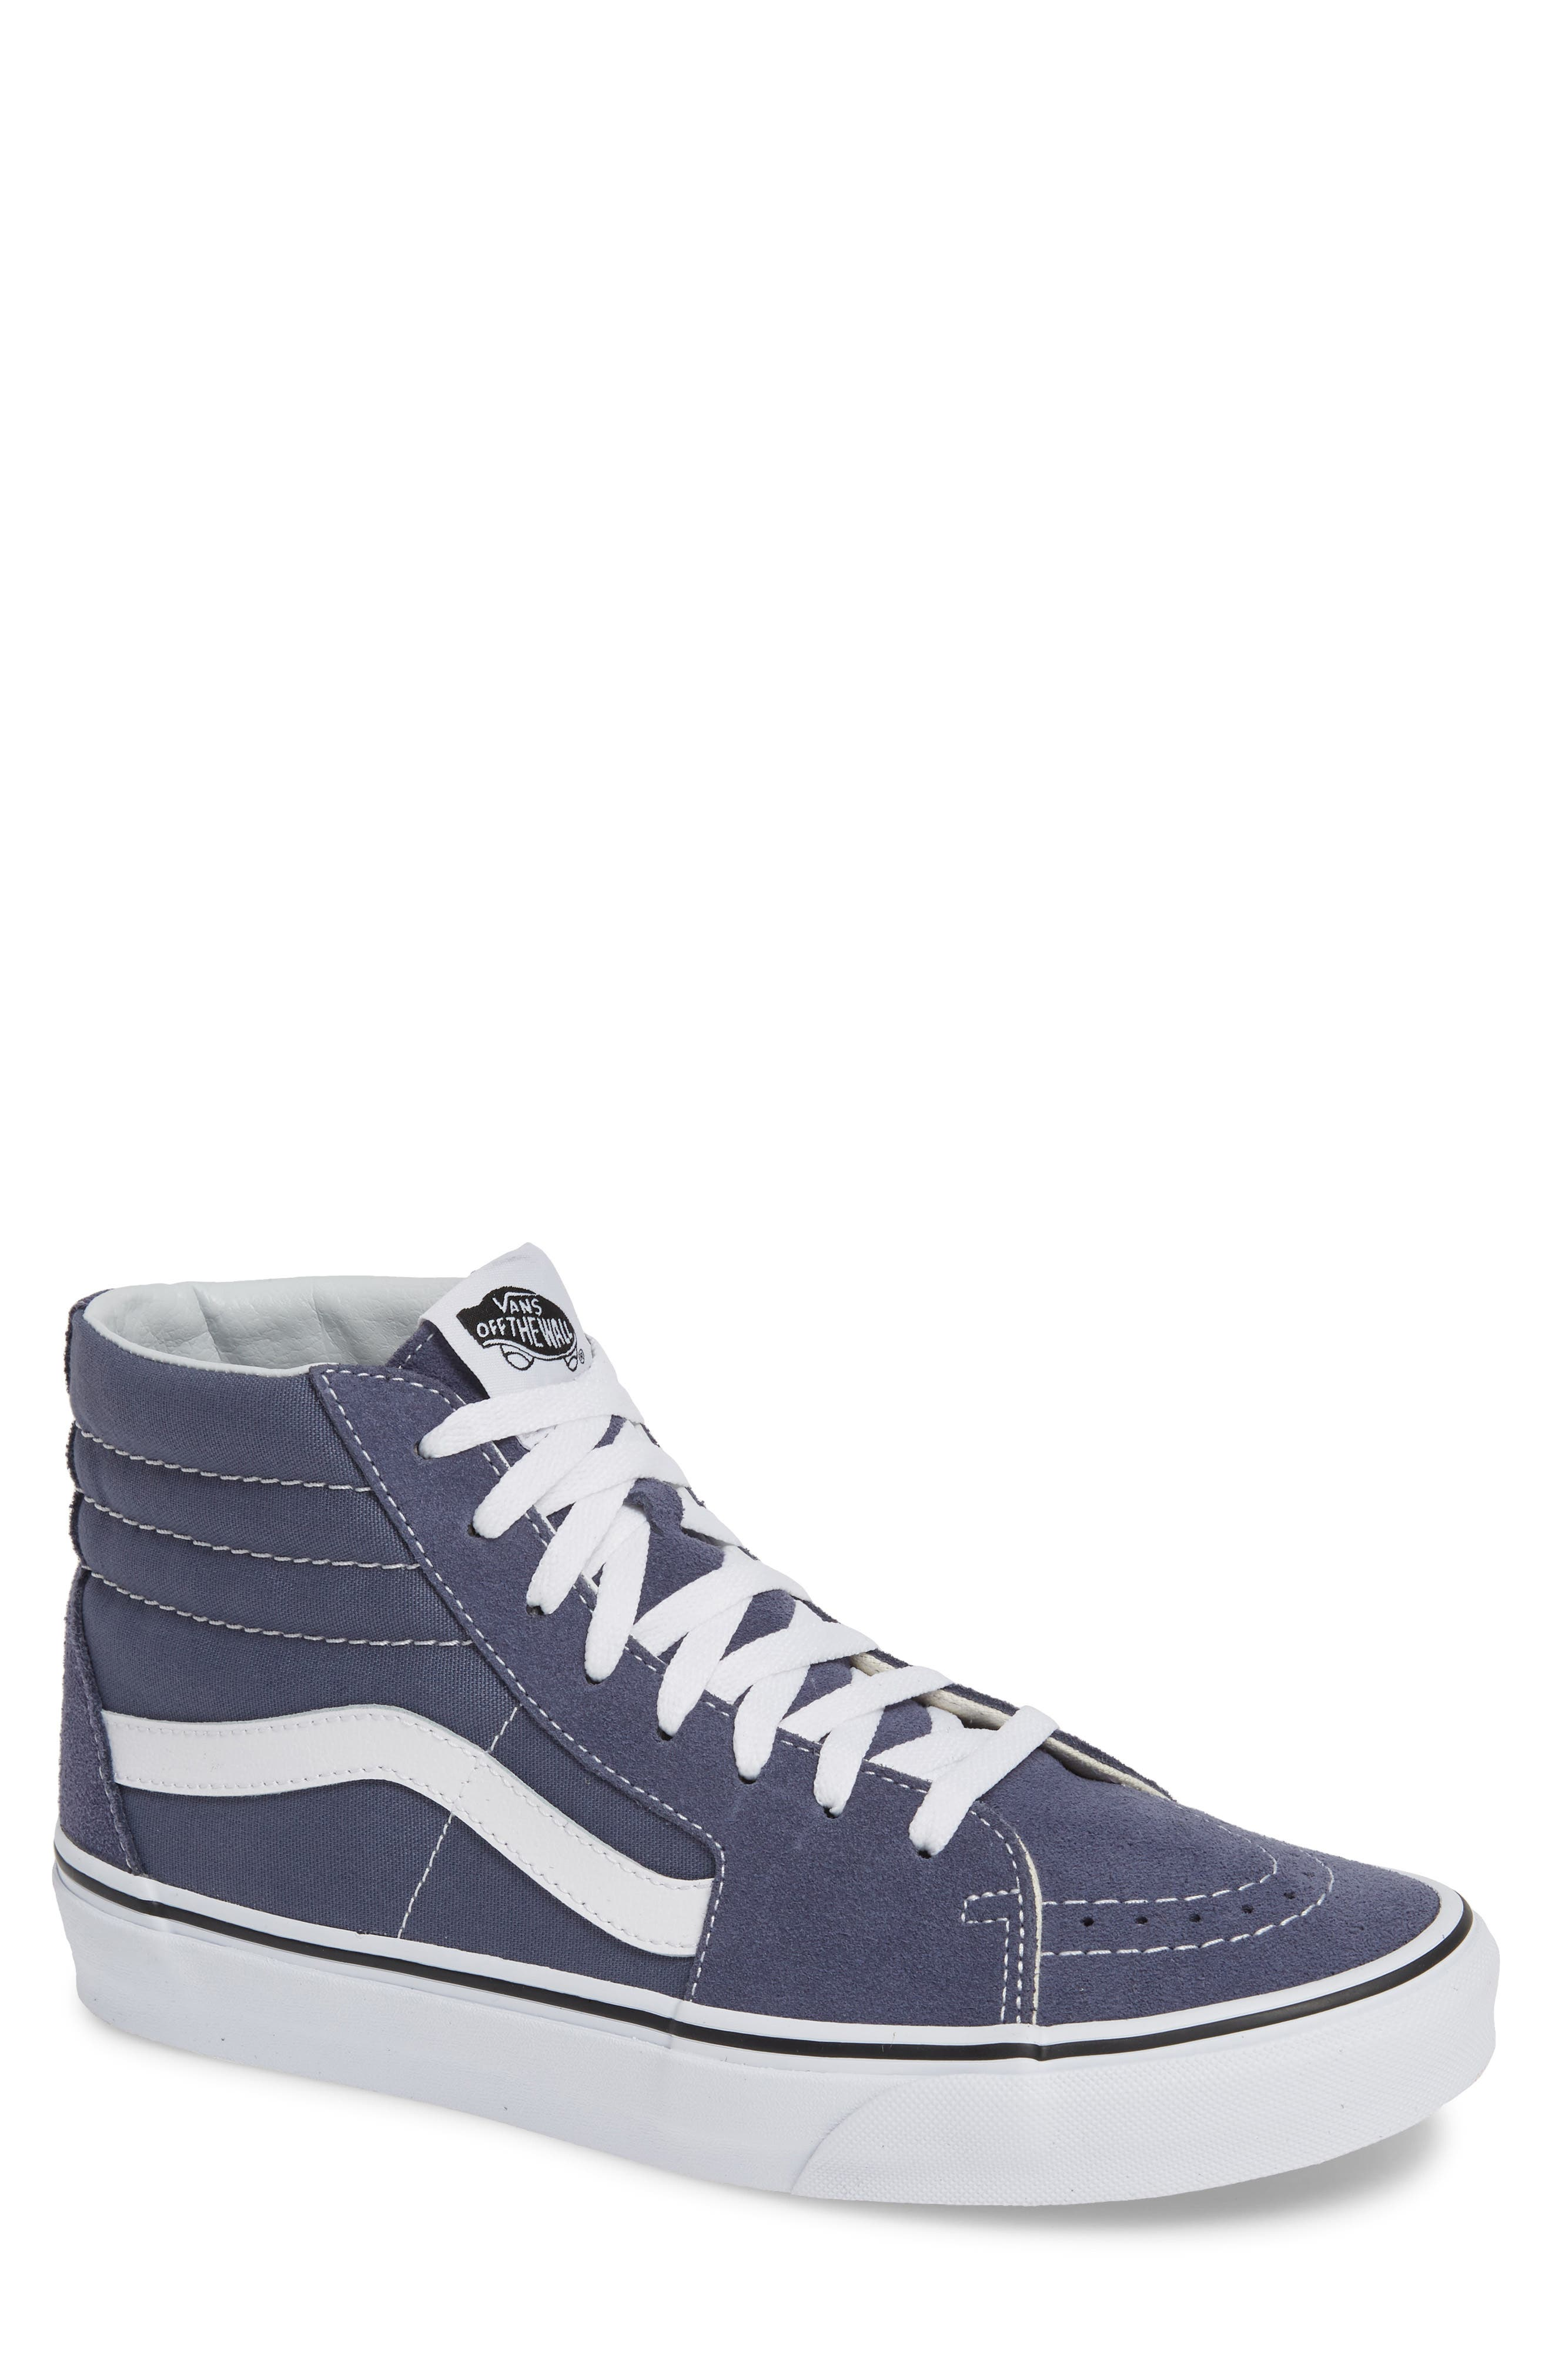 e0f3af8d55 Men s Vans Shoes